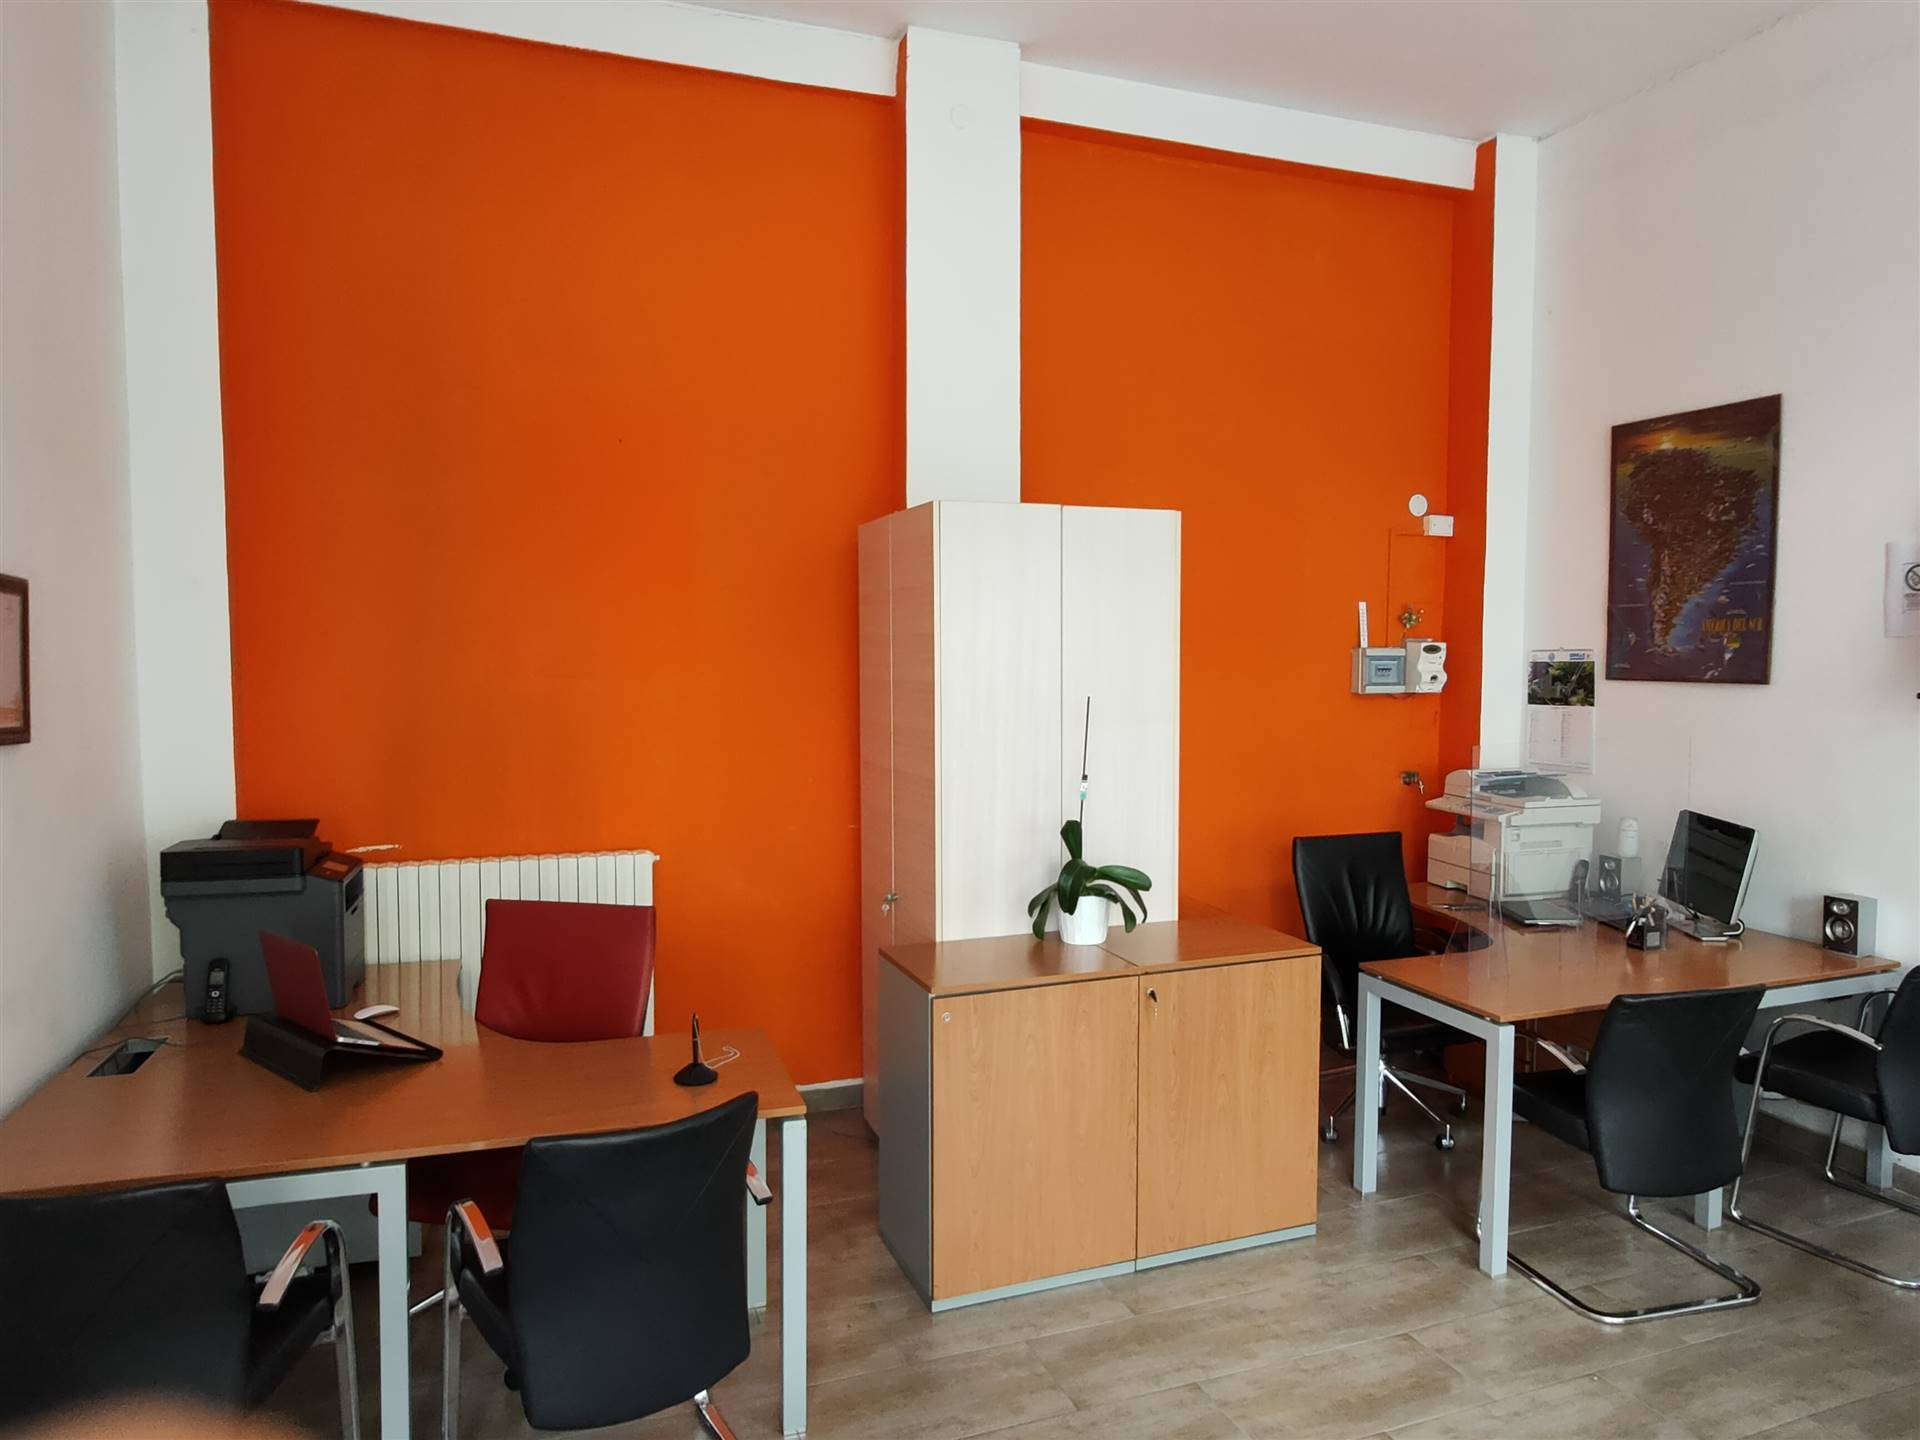 In Via di ottimo passaggio in zona Ricciarelli, affittiamo negozio con due vetrine in ottimo stato adibito ad ufficio. Il negozio si presenta